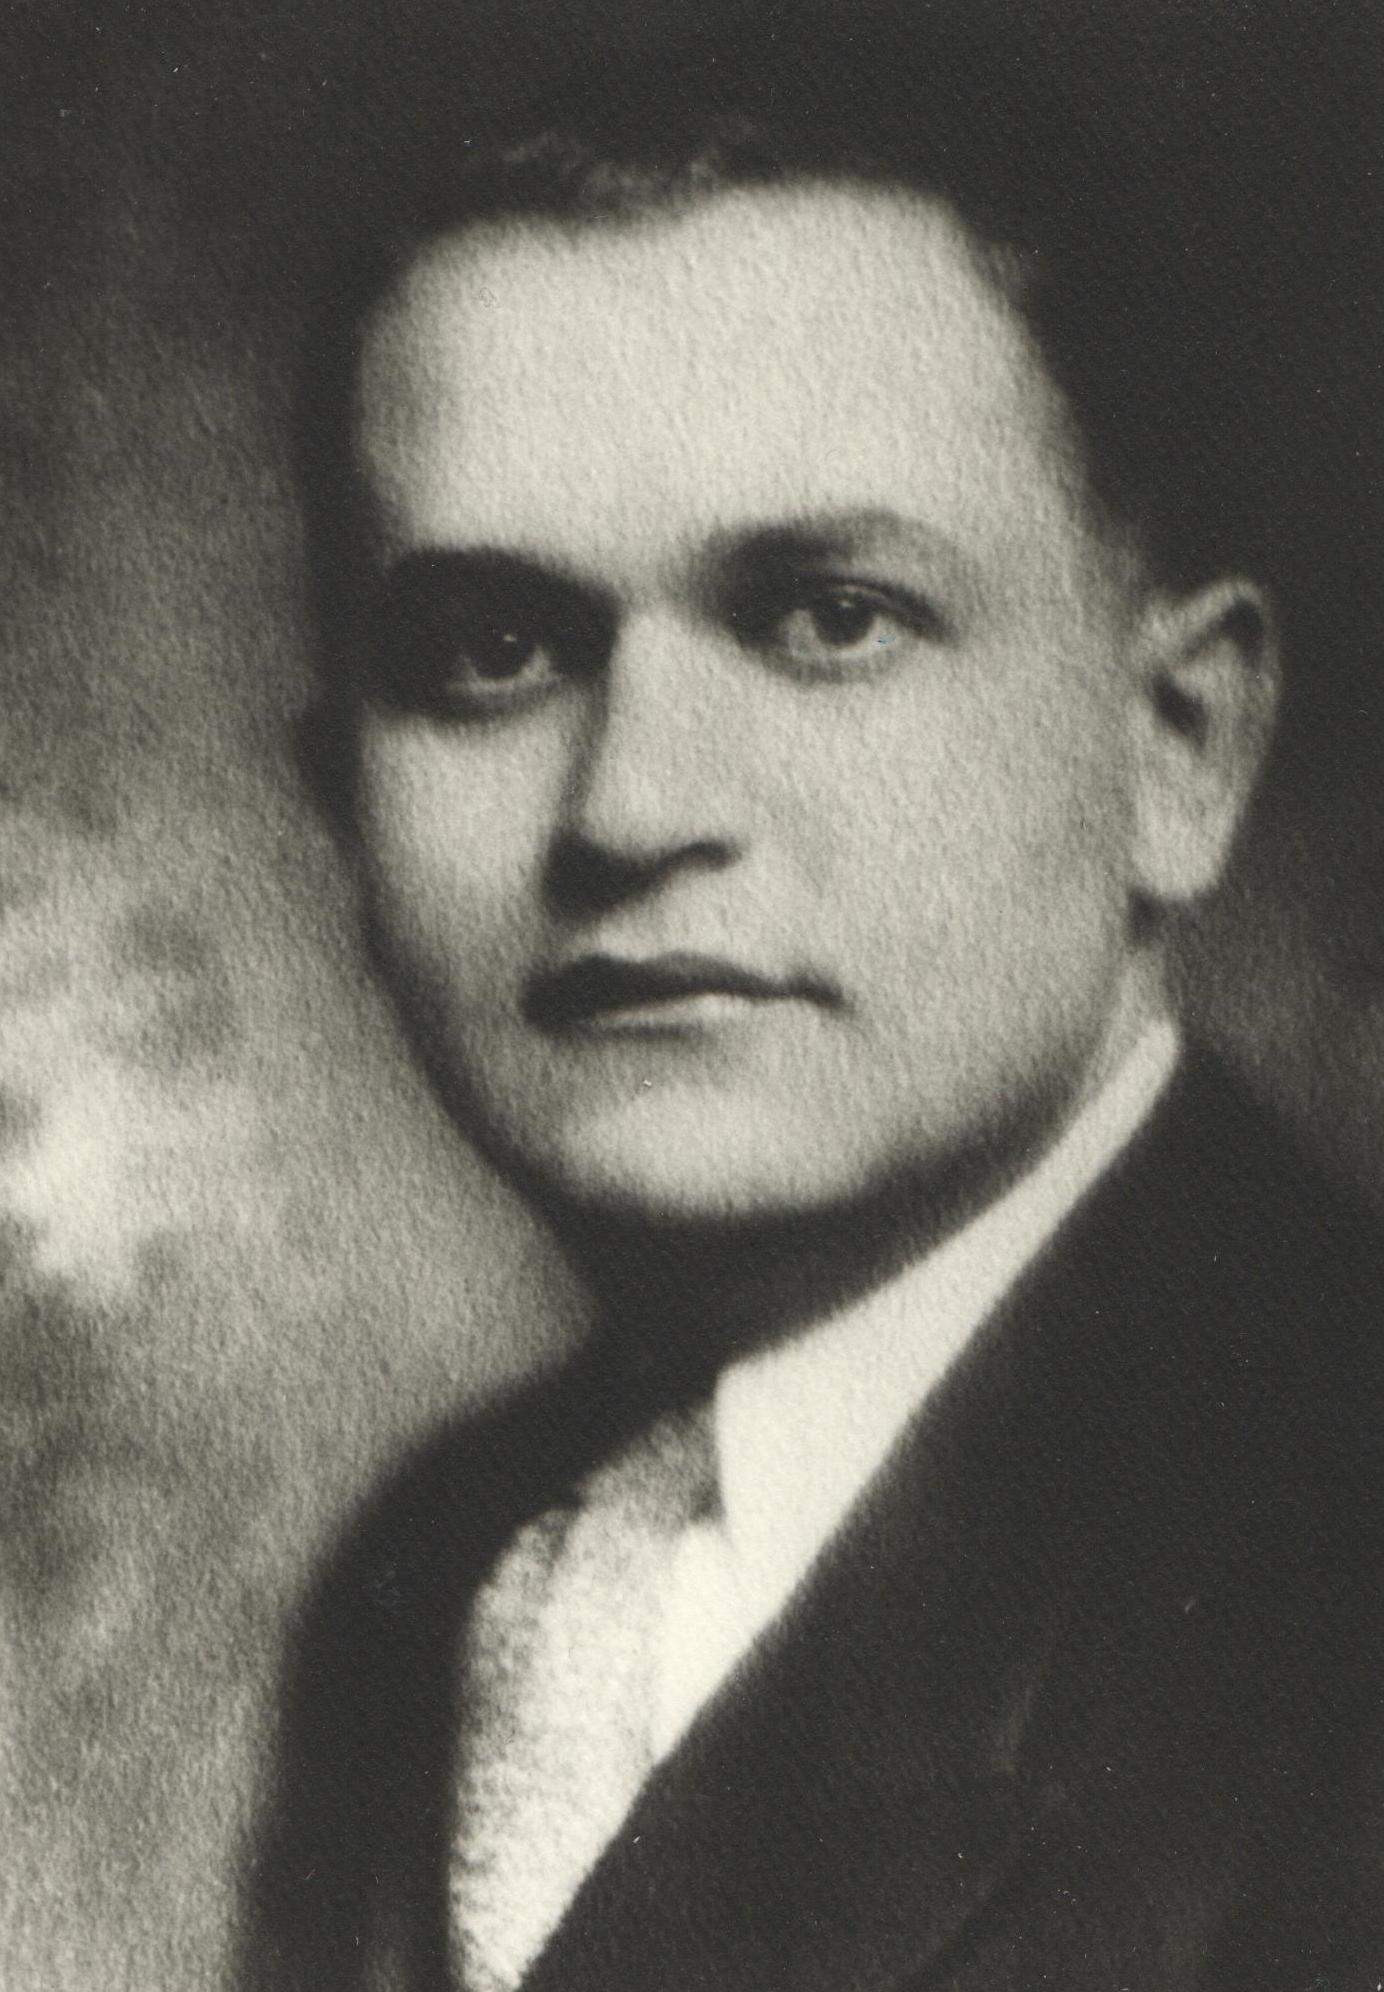 1938 J. J. Weyenberg